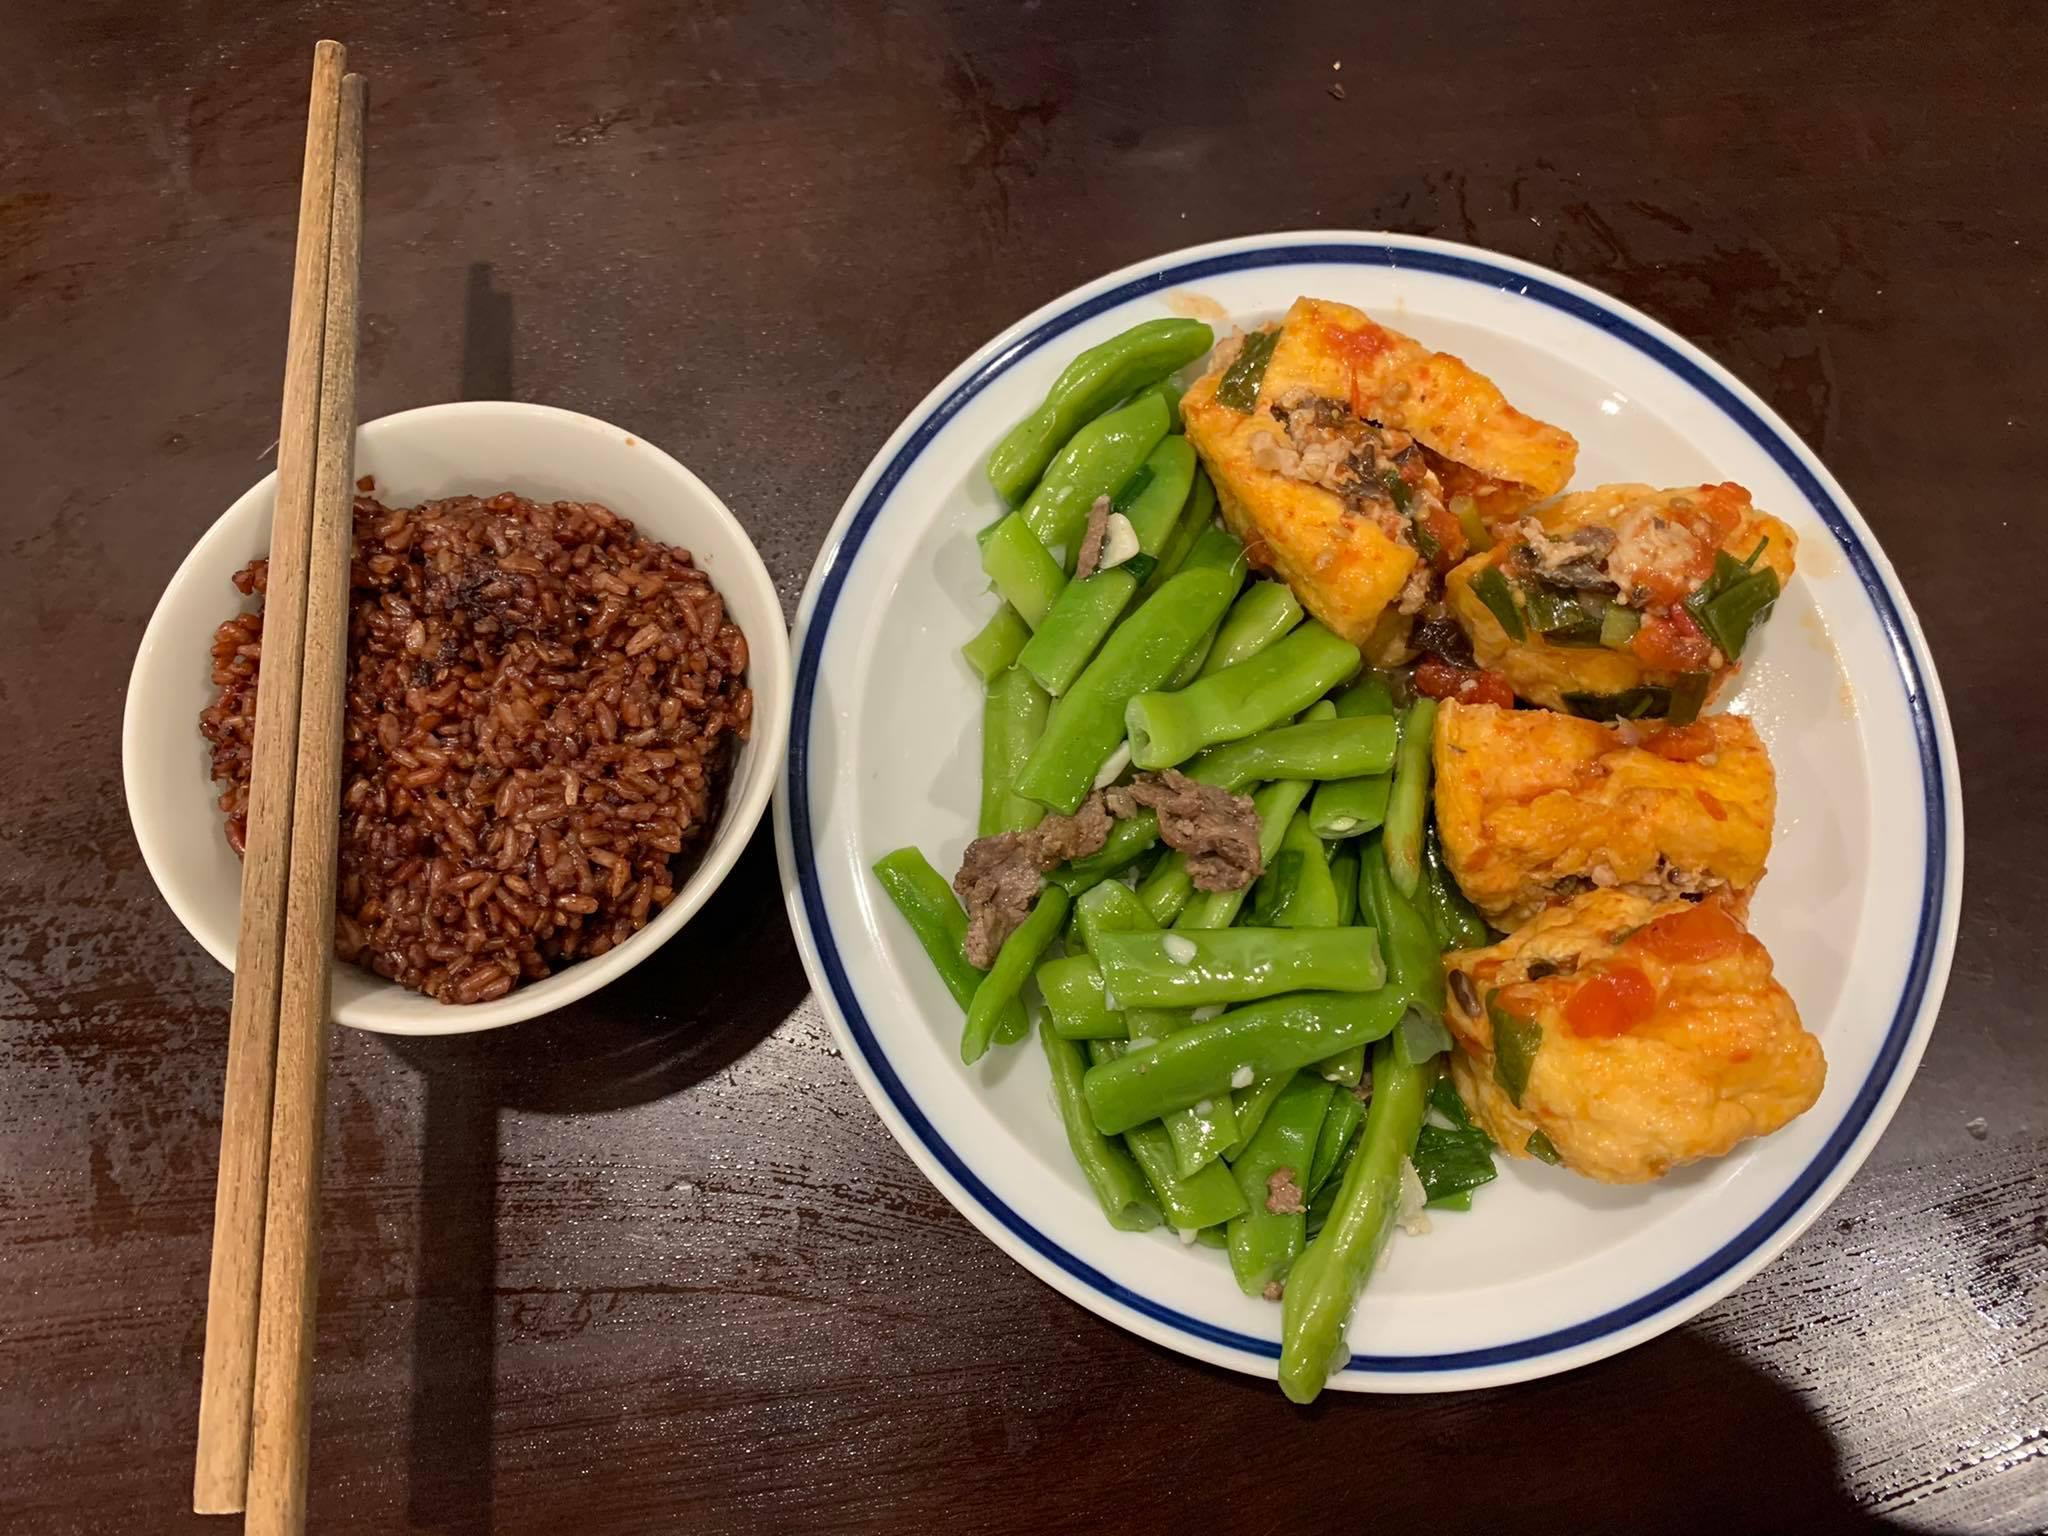 Ca sĩ Khánh Linh nói không với việc bỏ đói cơ thể, chú trọng ăn đủ bữa, đủ chất với liều lượng vừa phải.